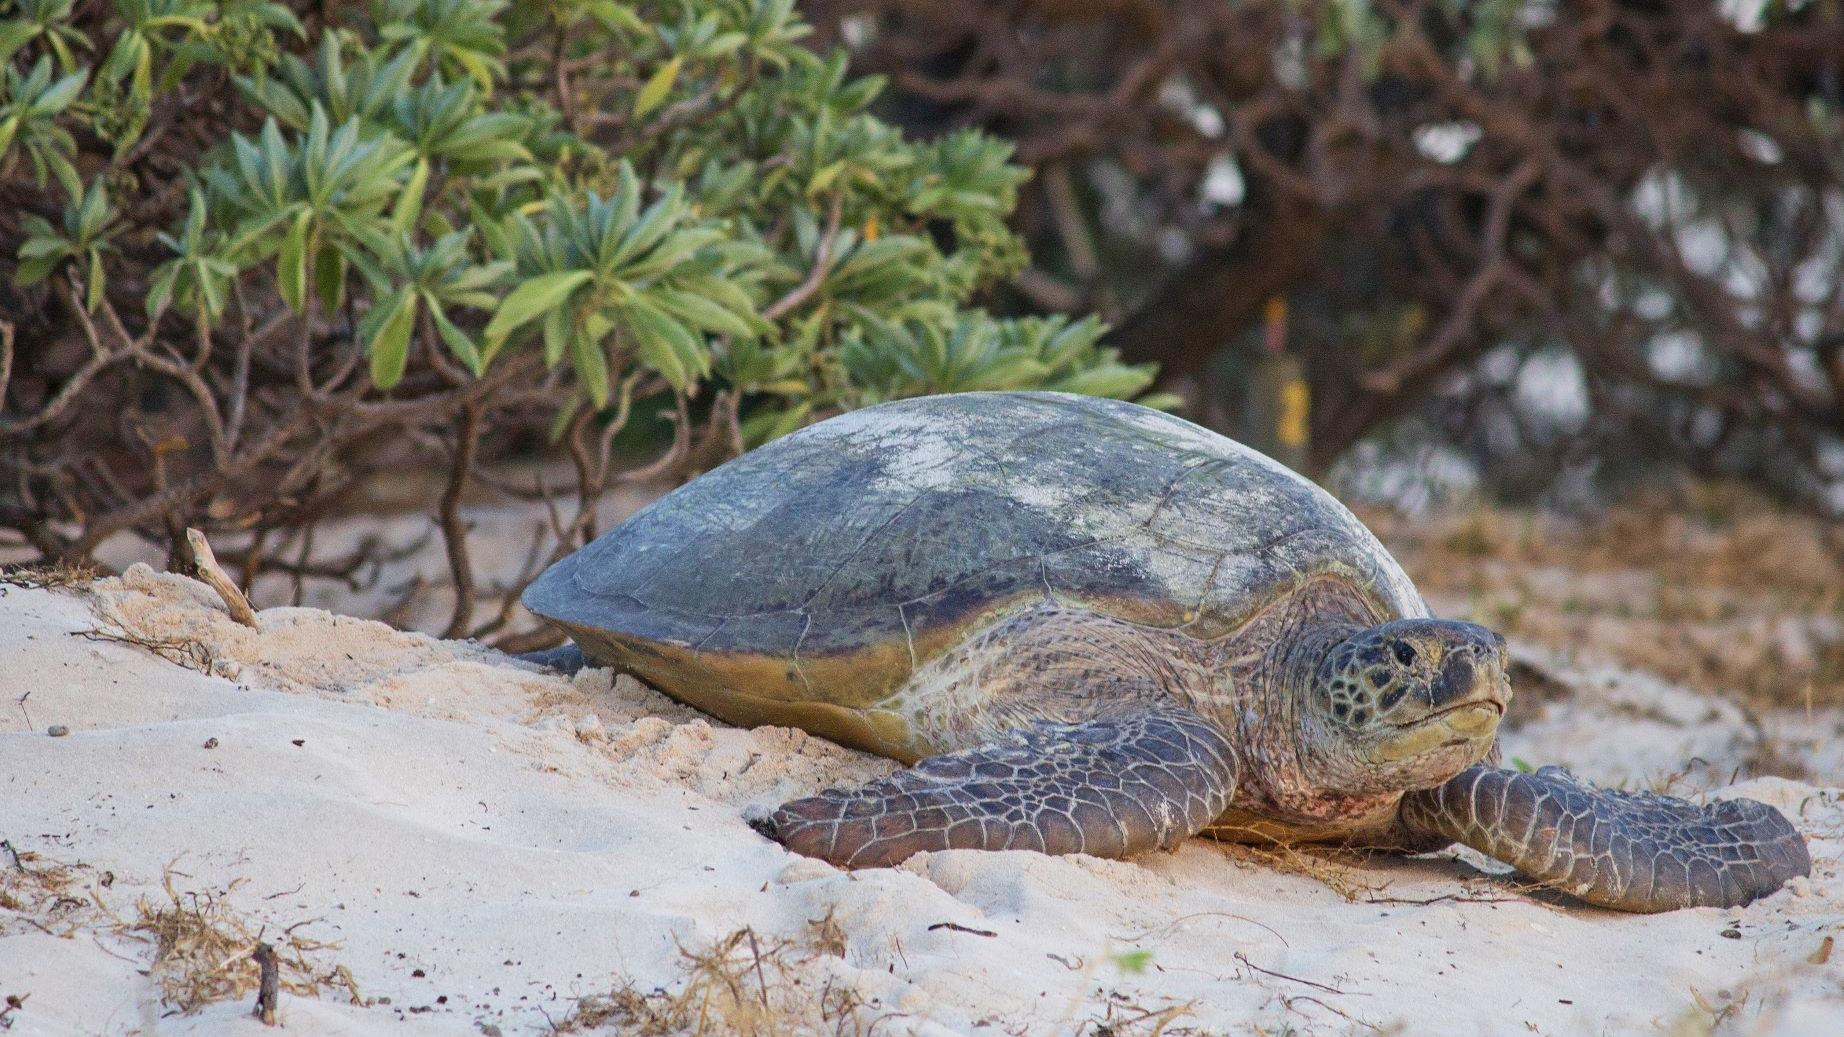 Turtle Season has Begun!